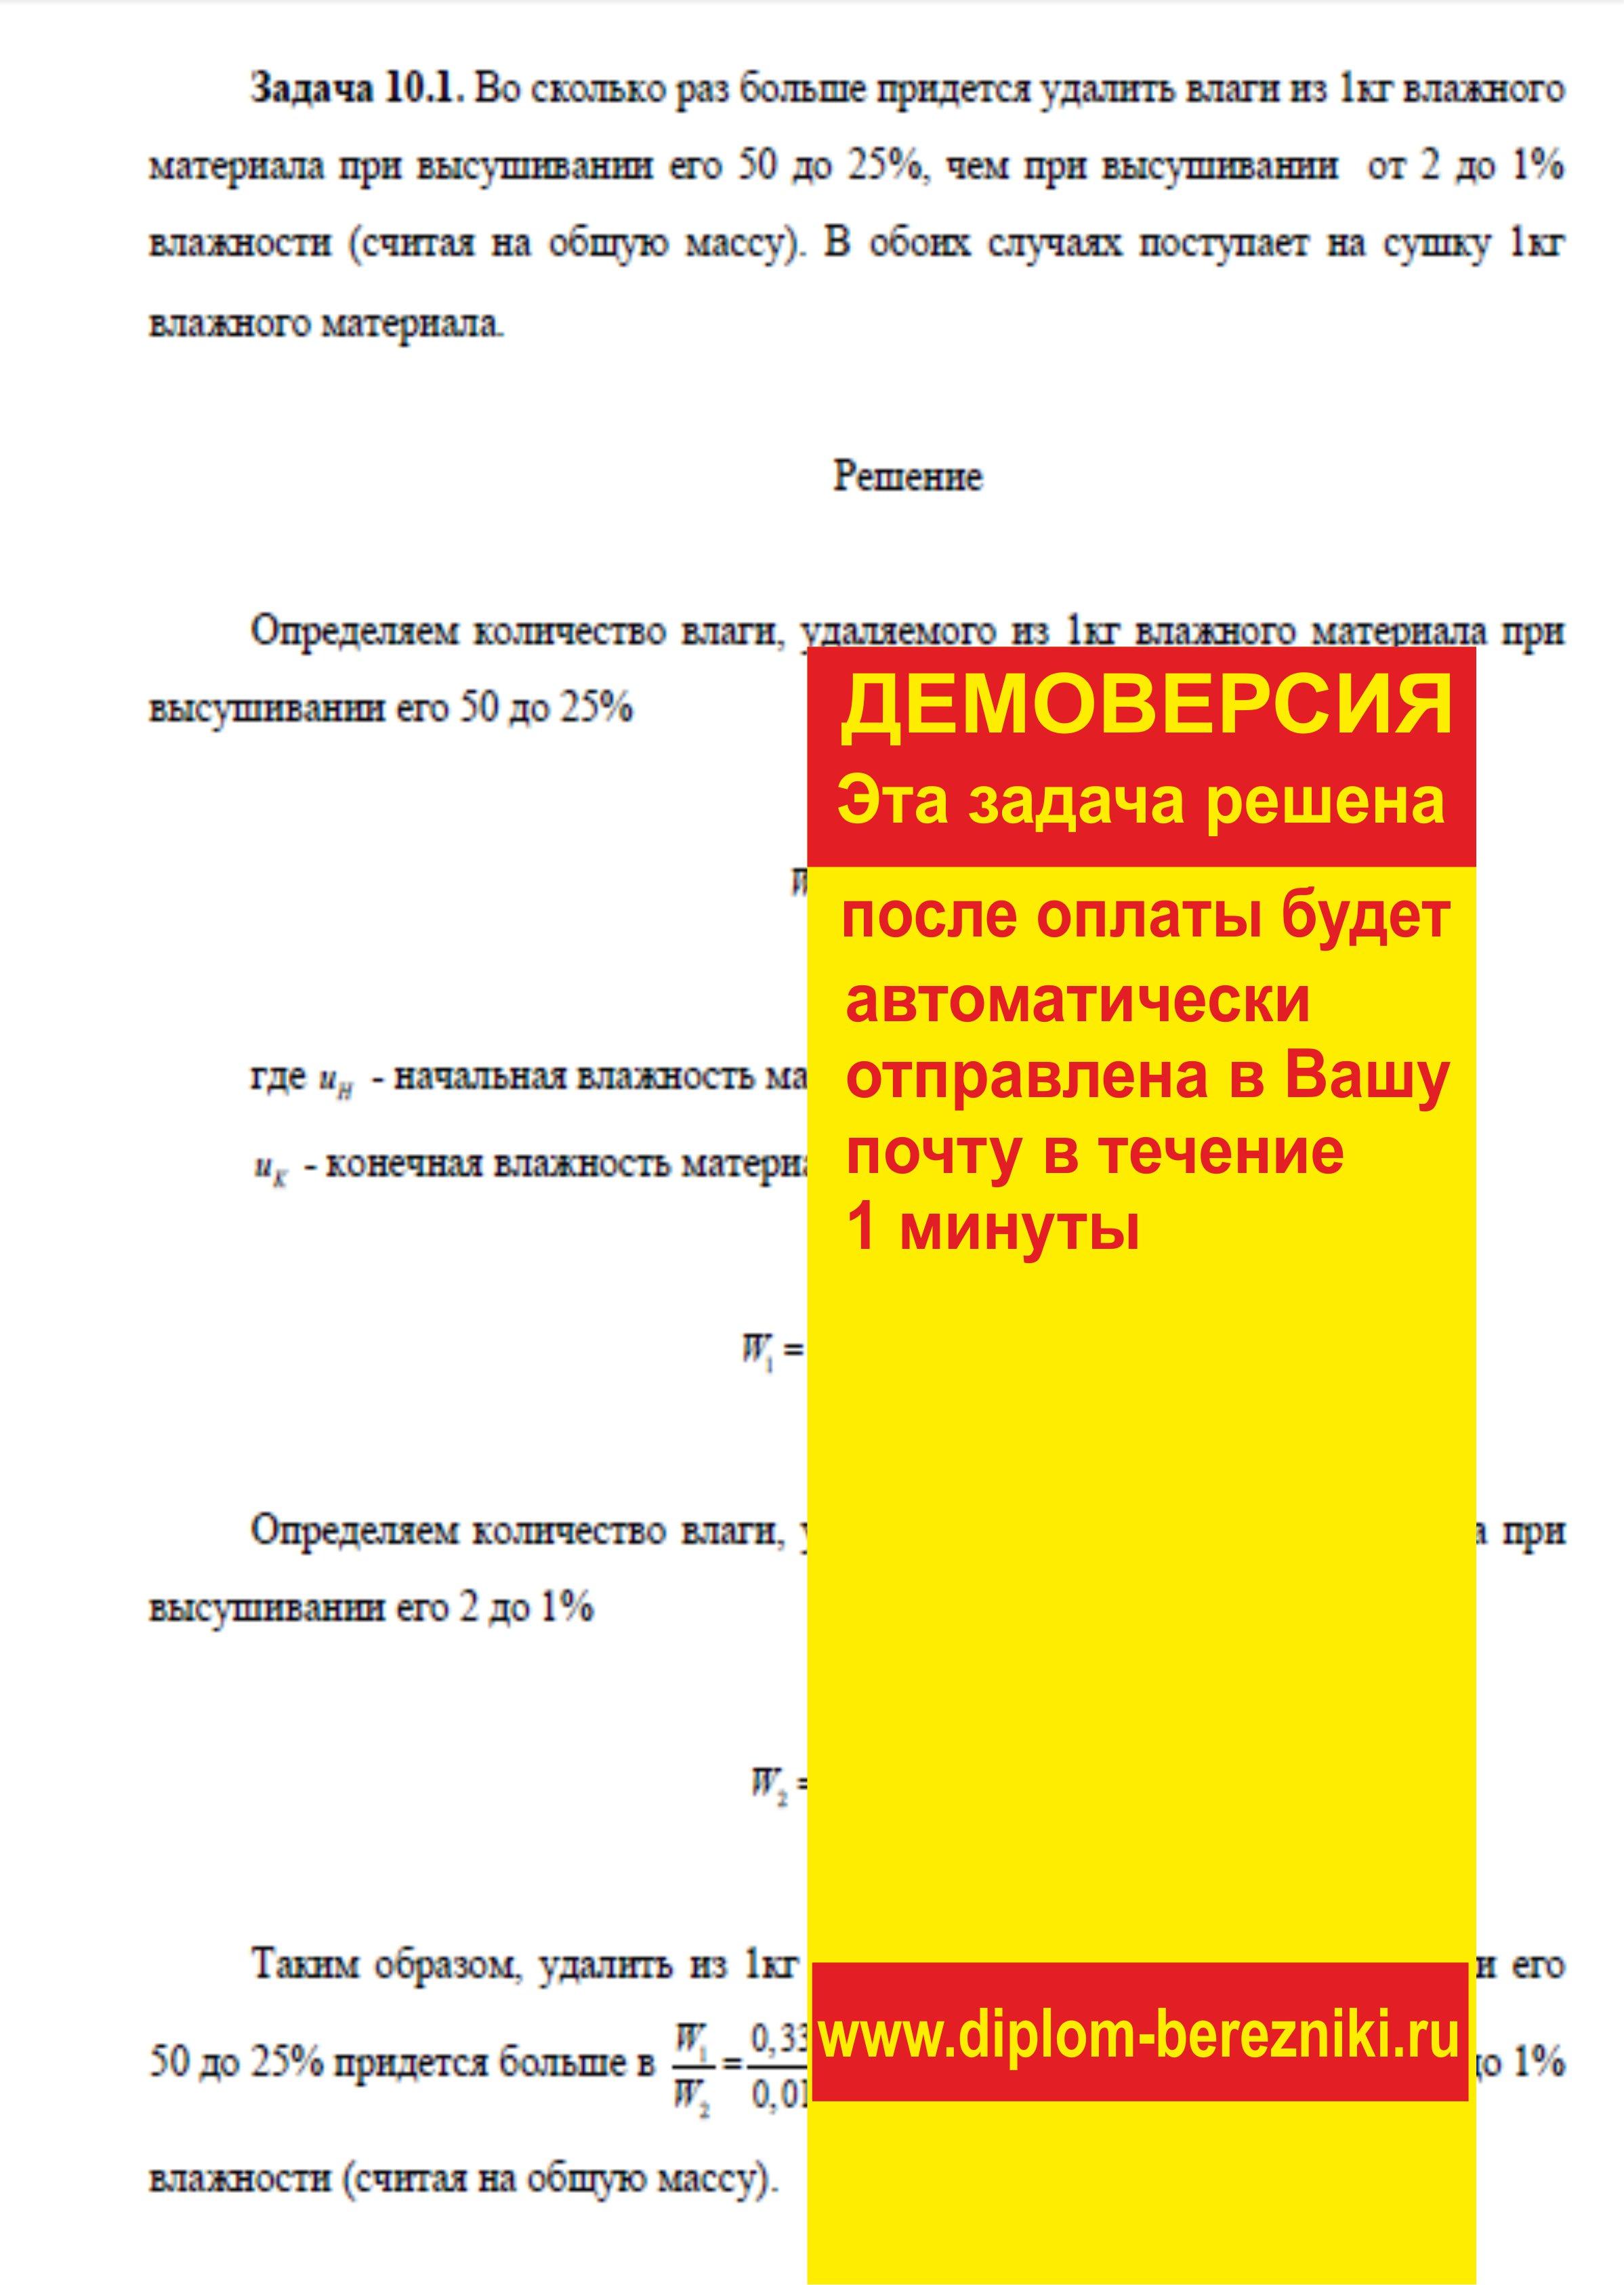 Решение задачи 10.1 по ПАХТ из задачника Павлова Романкова Носкова